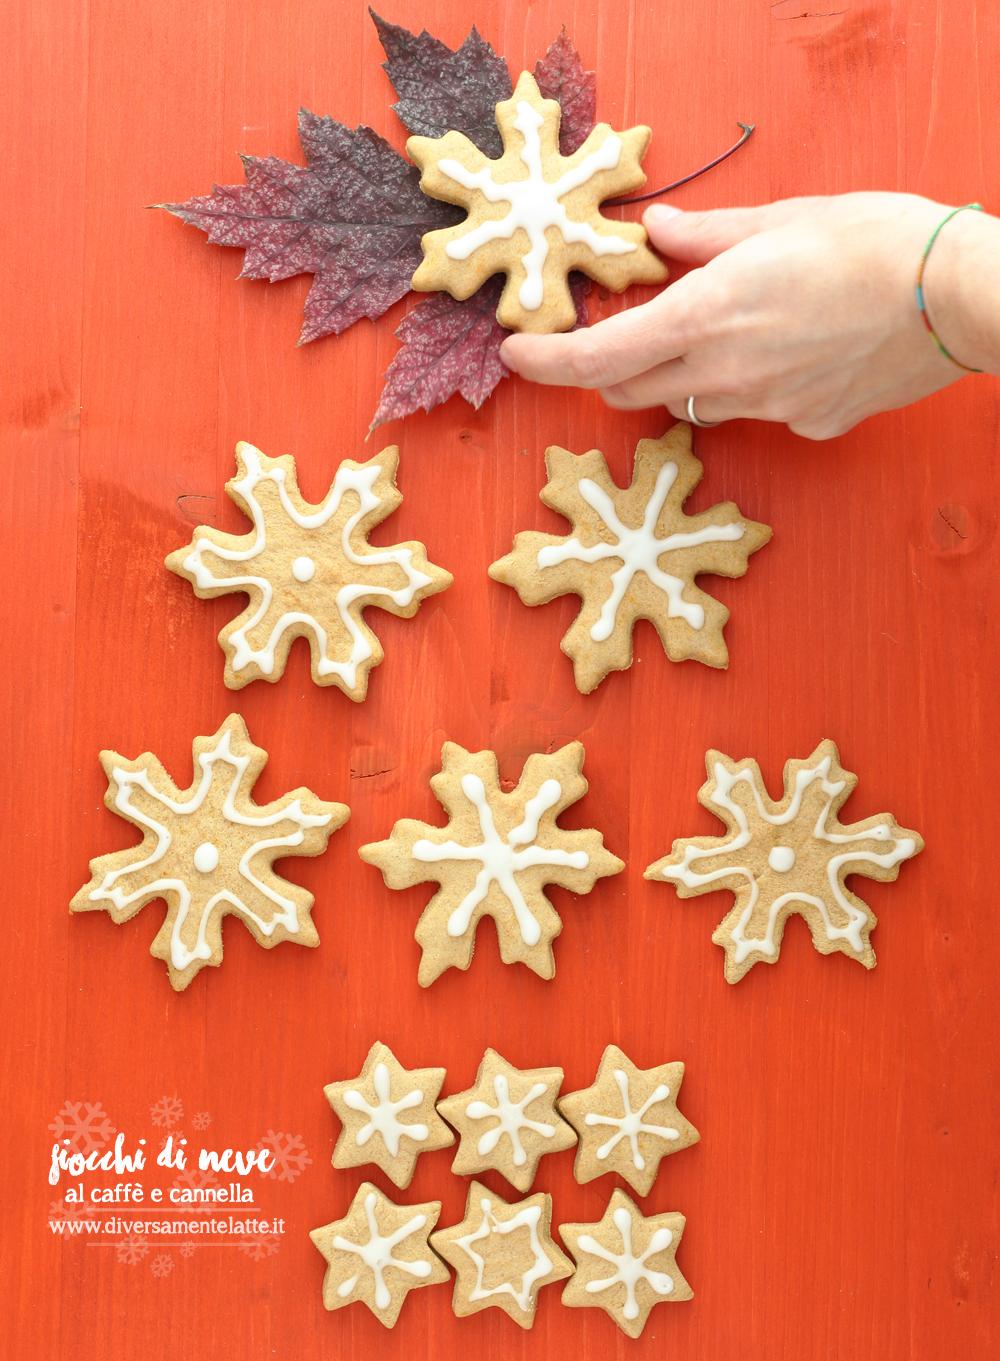 biscotti natalizi al caffè e cannella